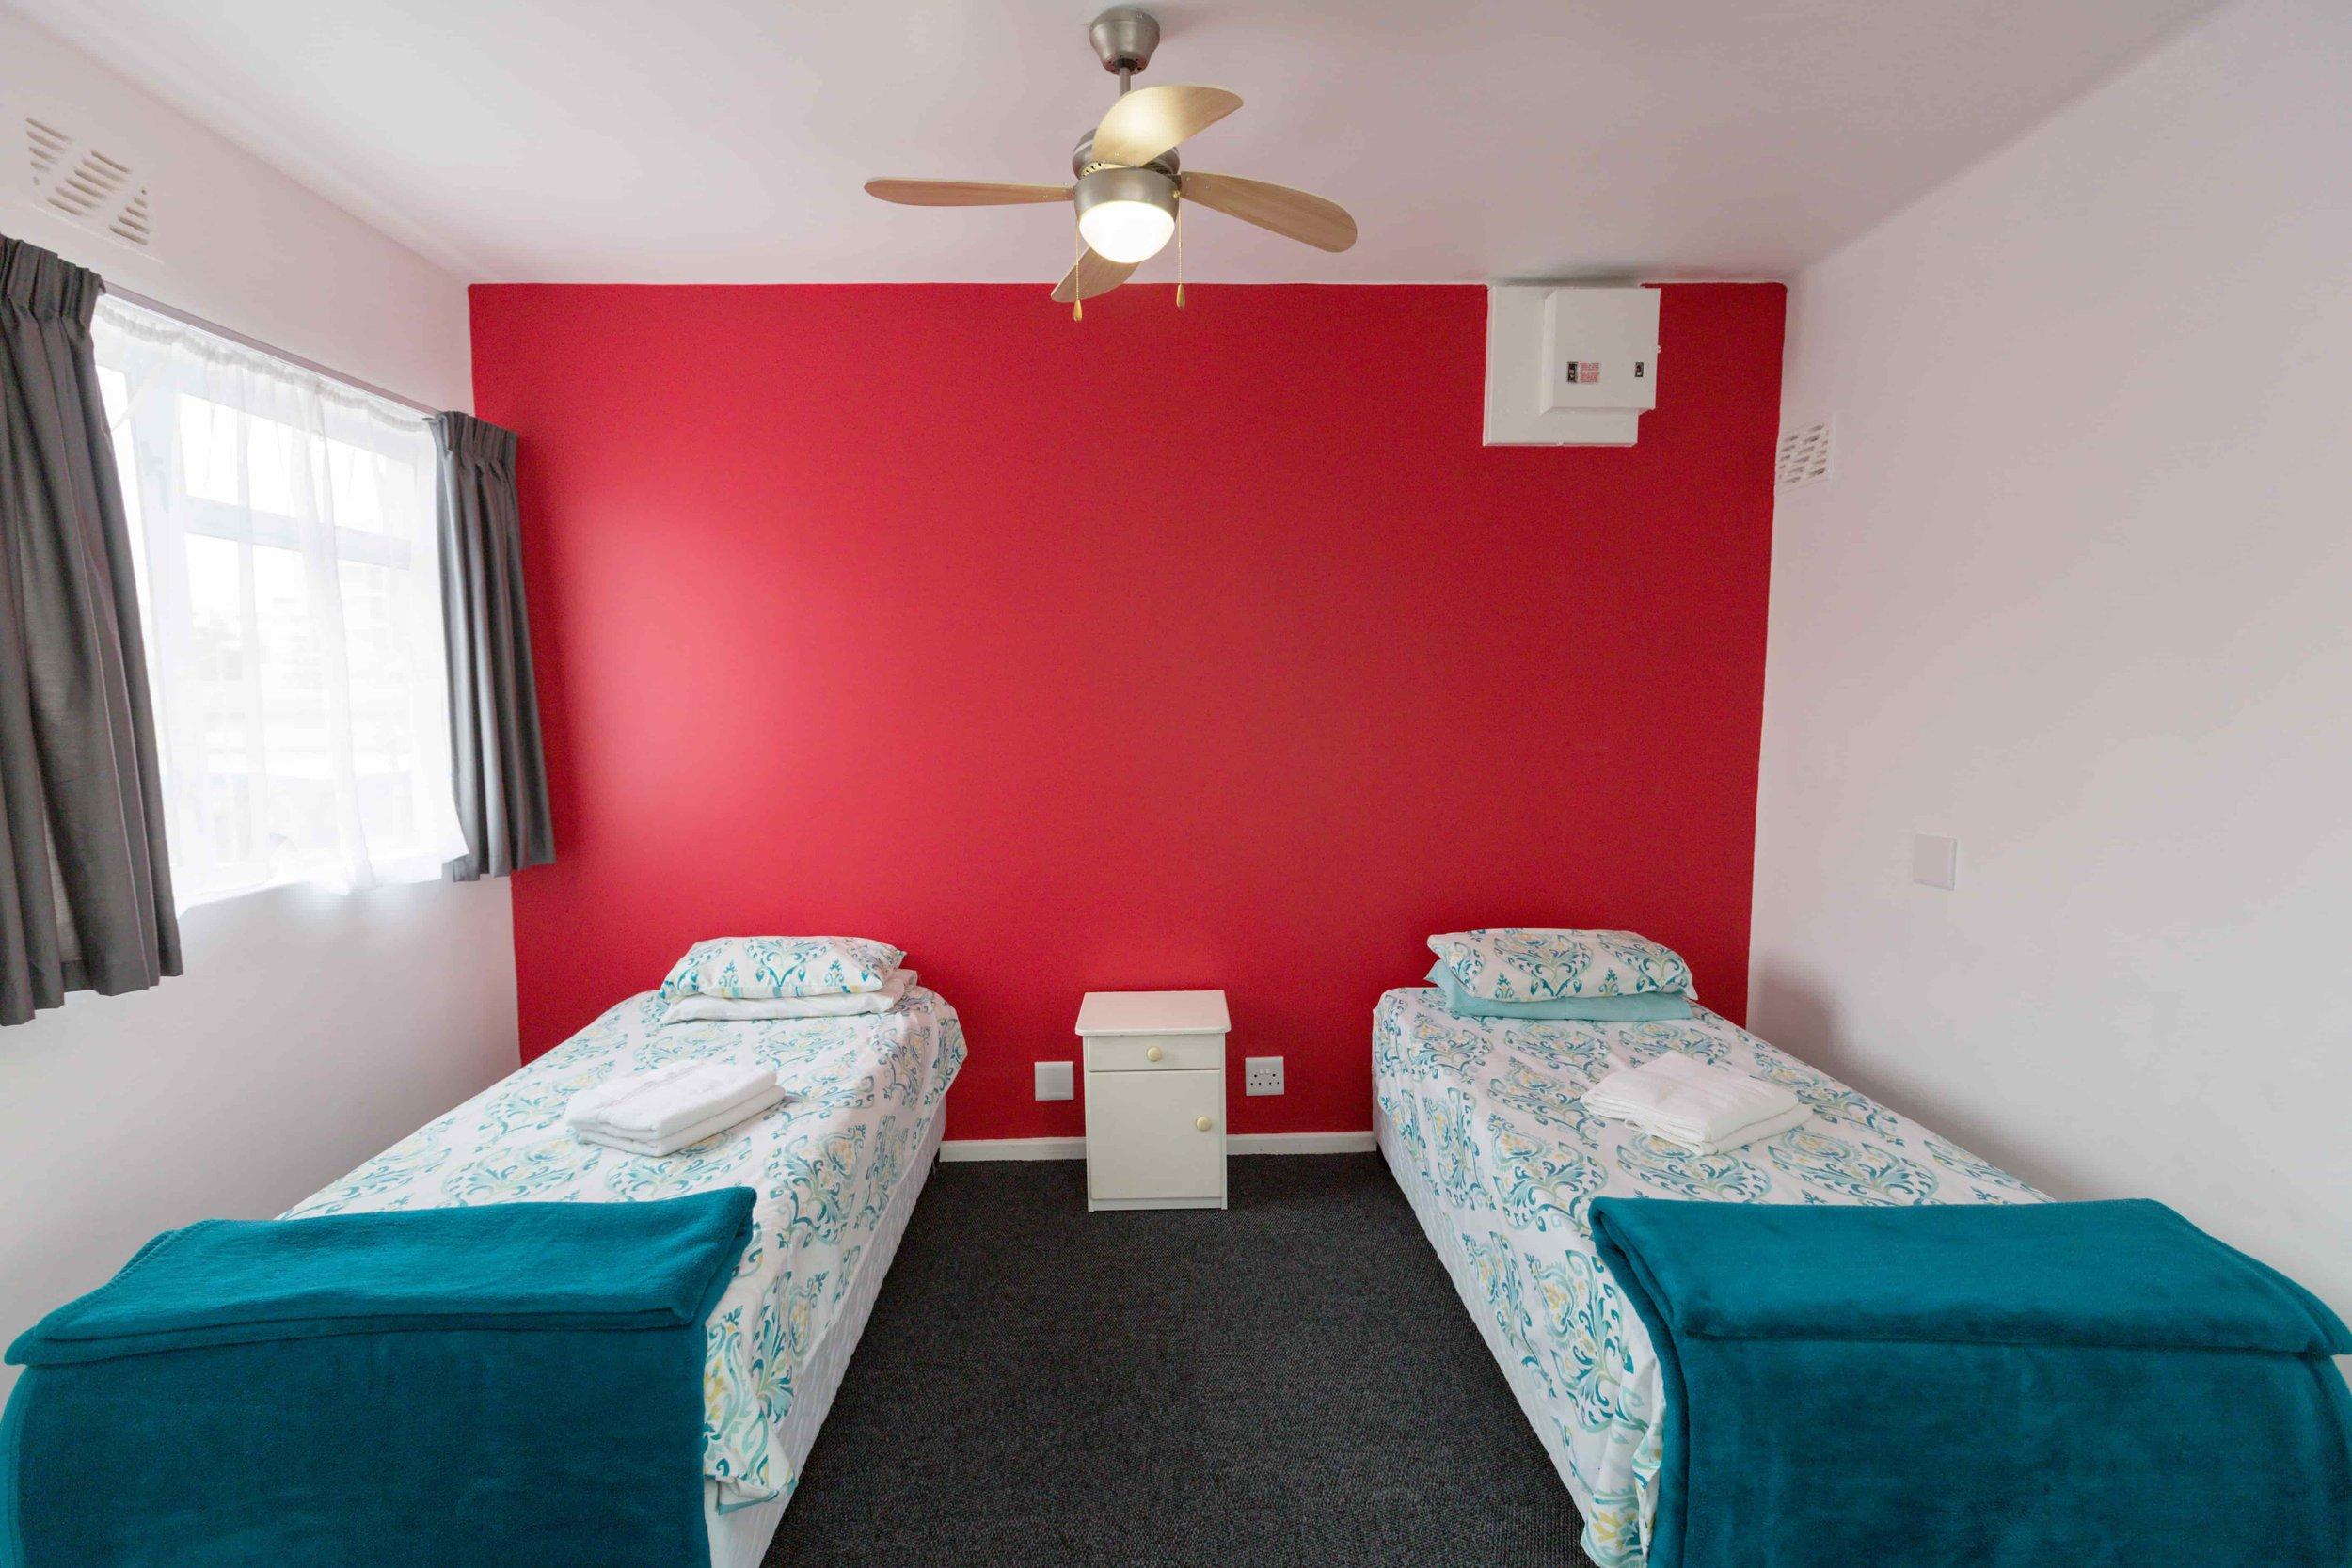 LAL-CPT-Accom-On-site-residence-816-min.jpg